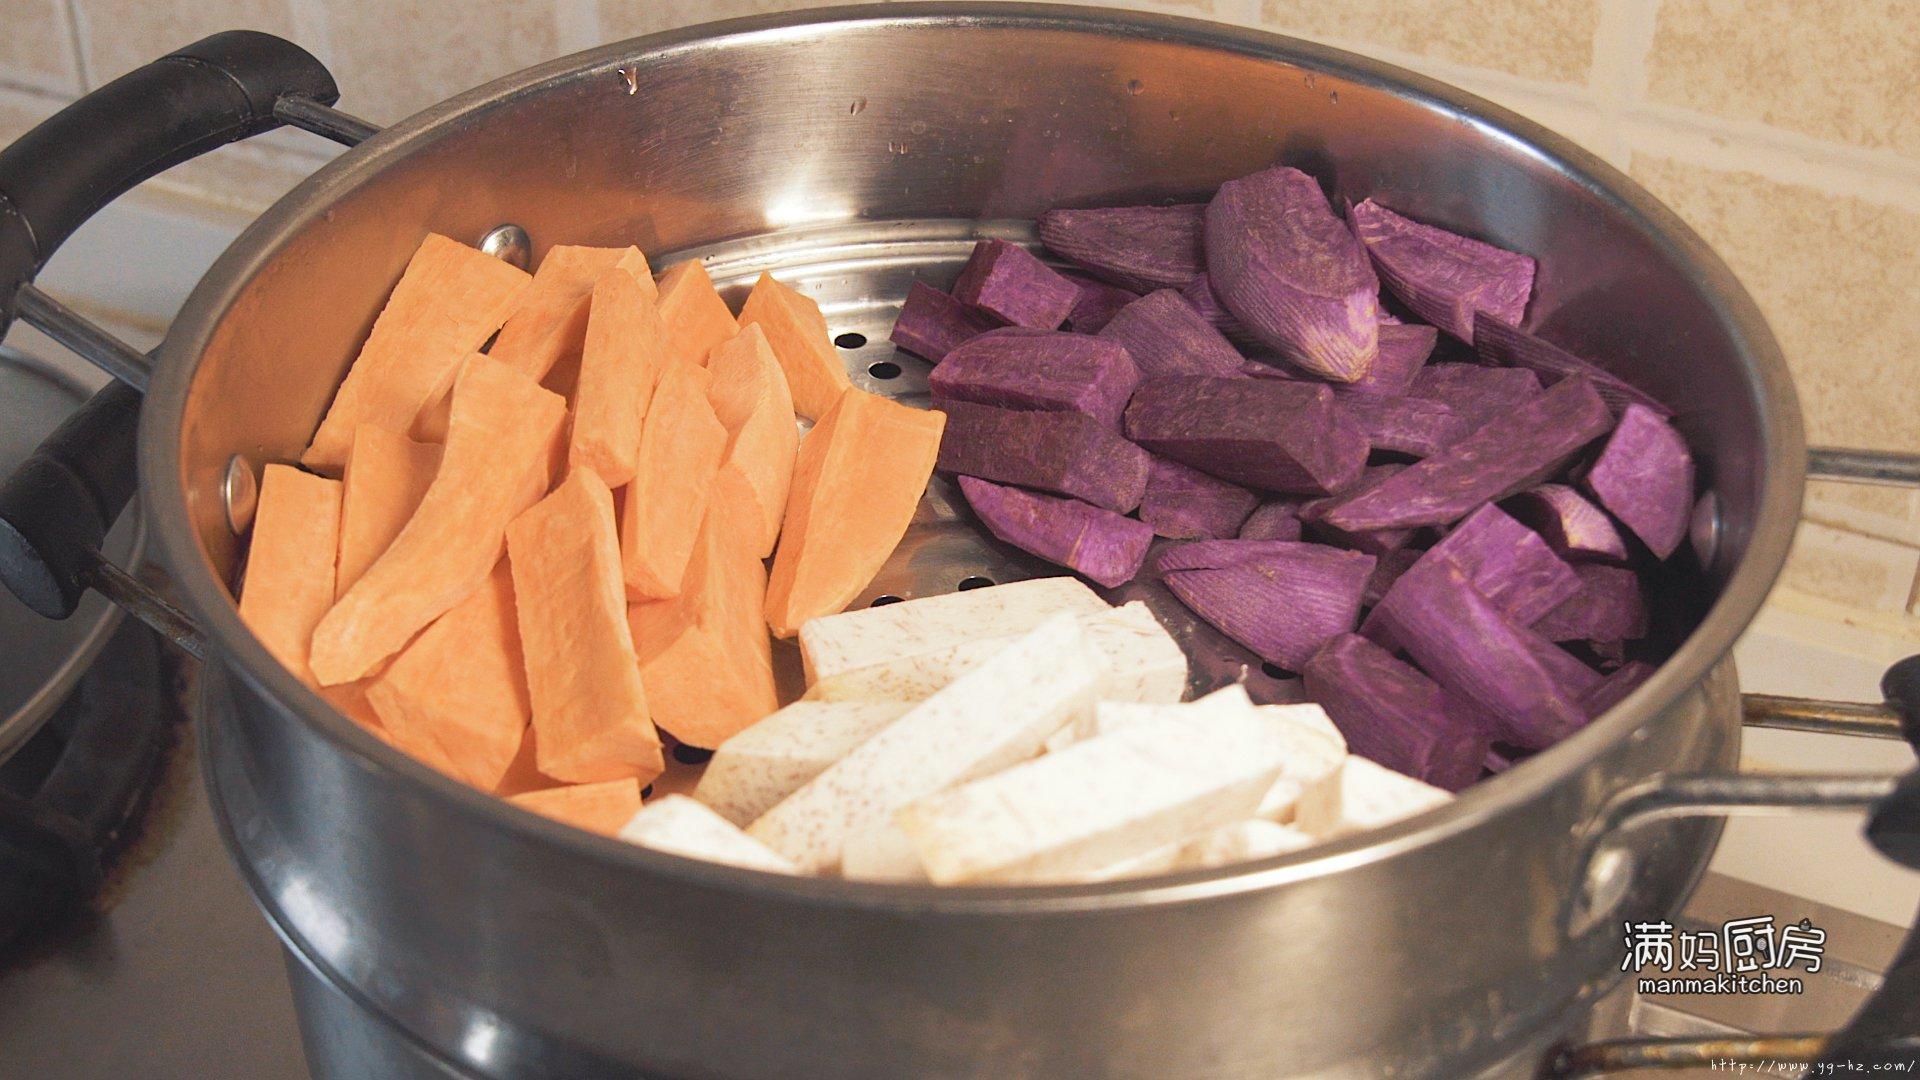 三色芋圆 在家就能做鲜芋仙 干嘛还要出去买的做法 步骤1